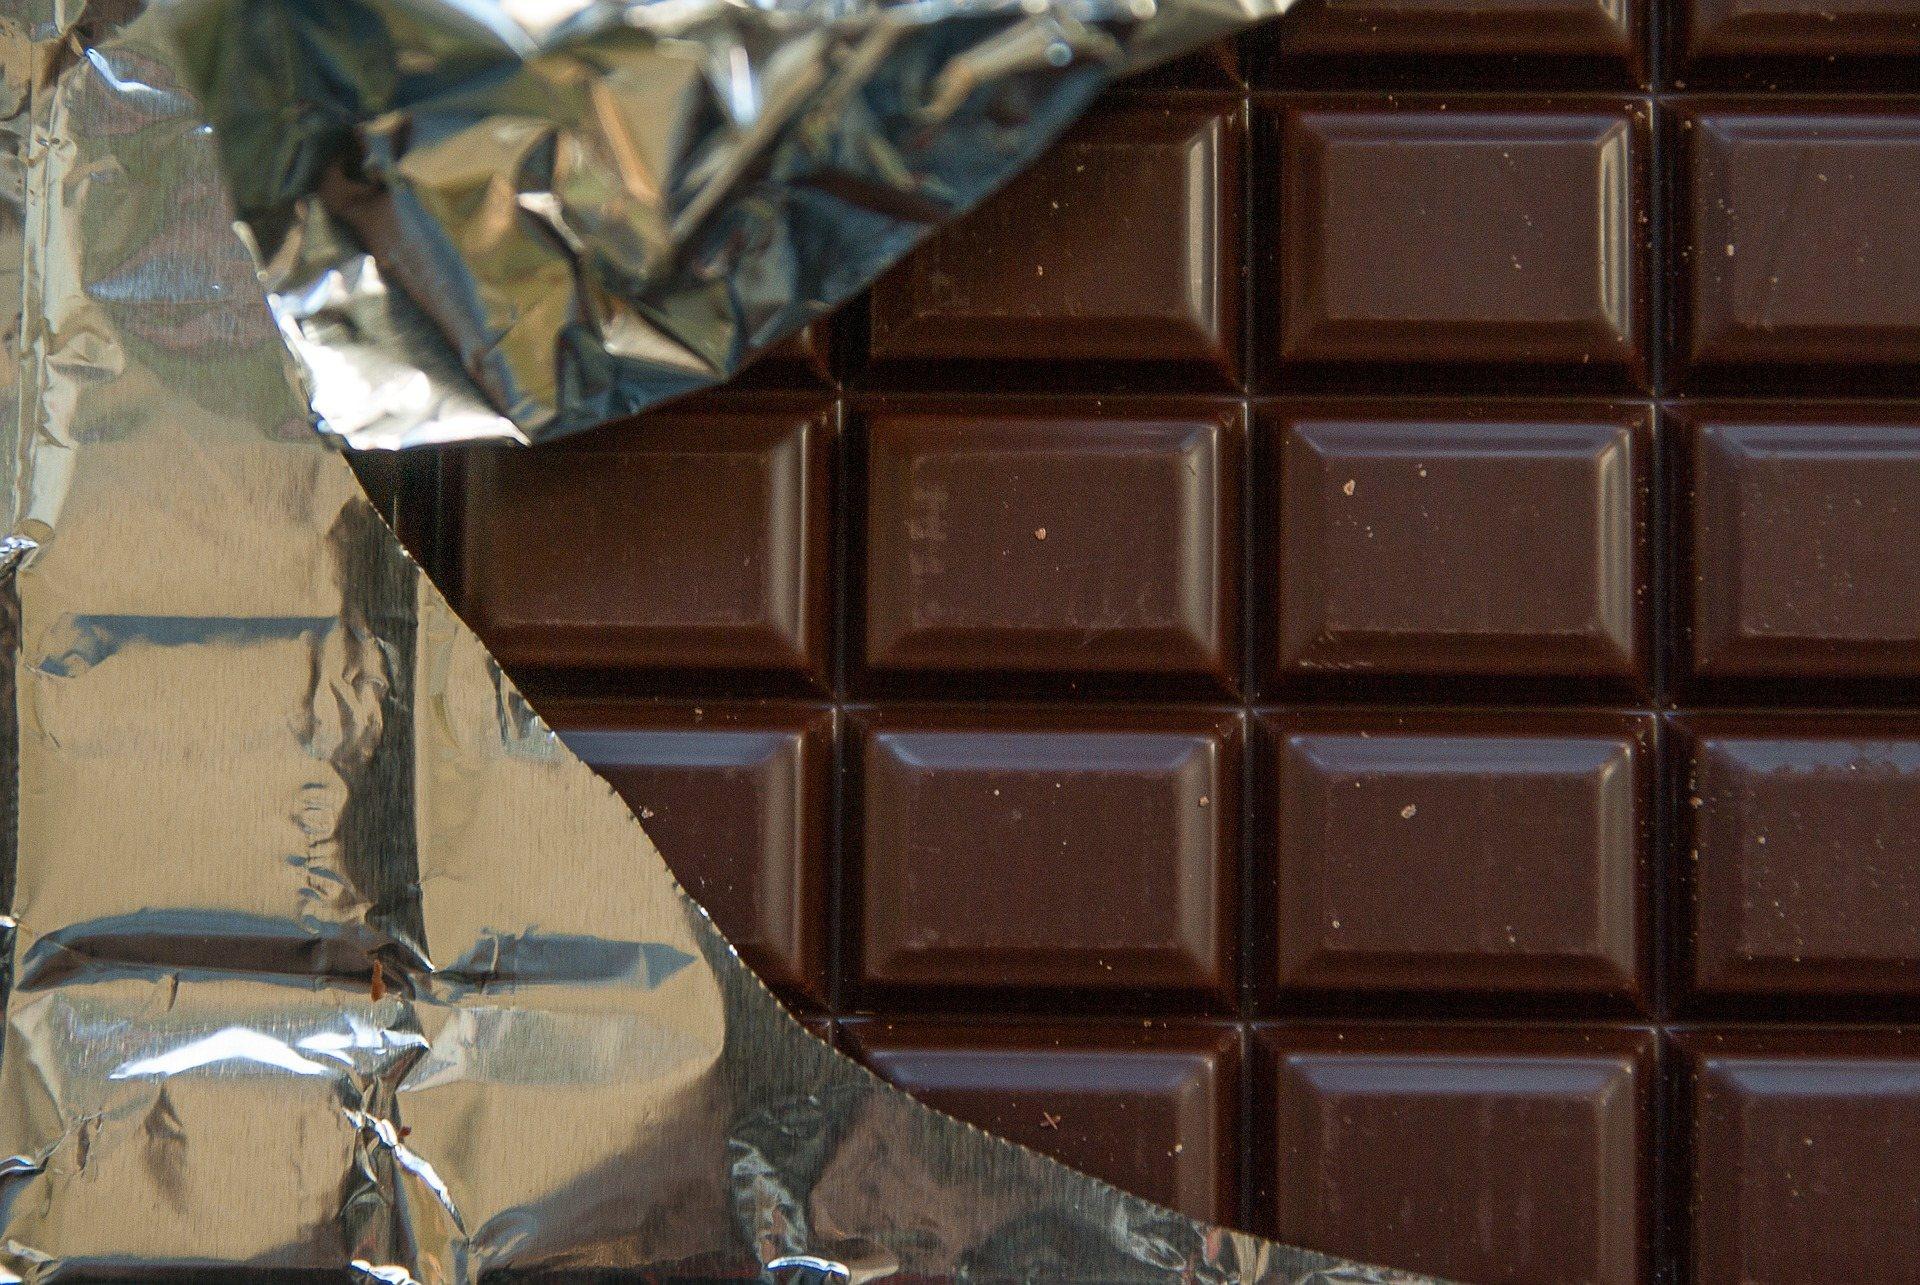 El chocolate negro debe ingerirse en su justa medida